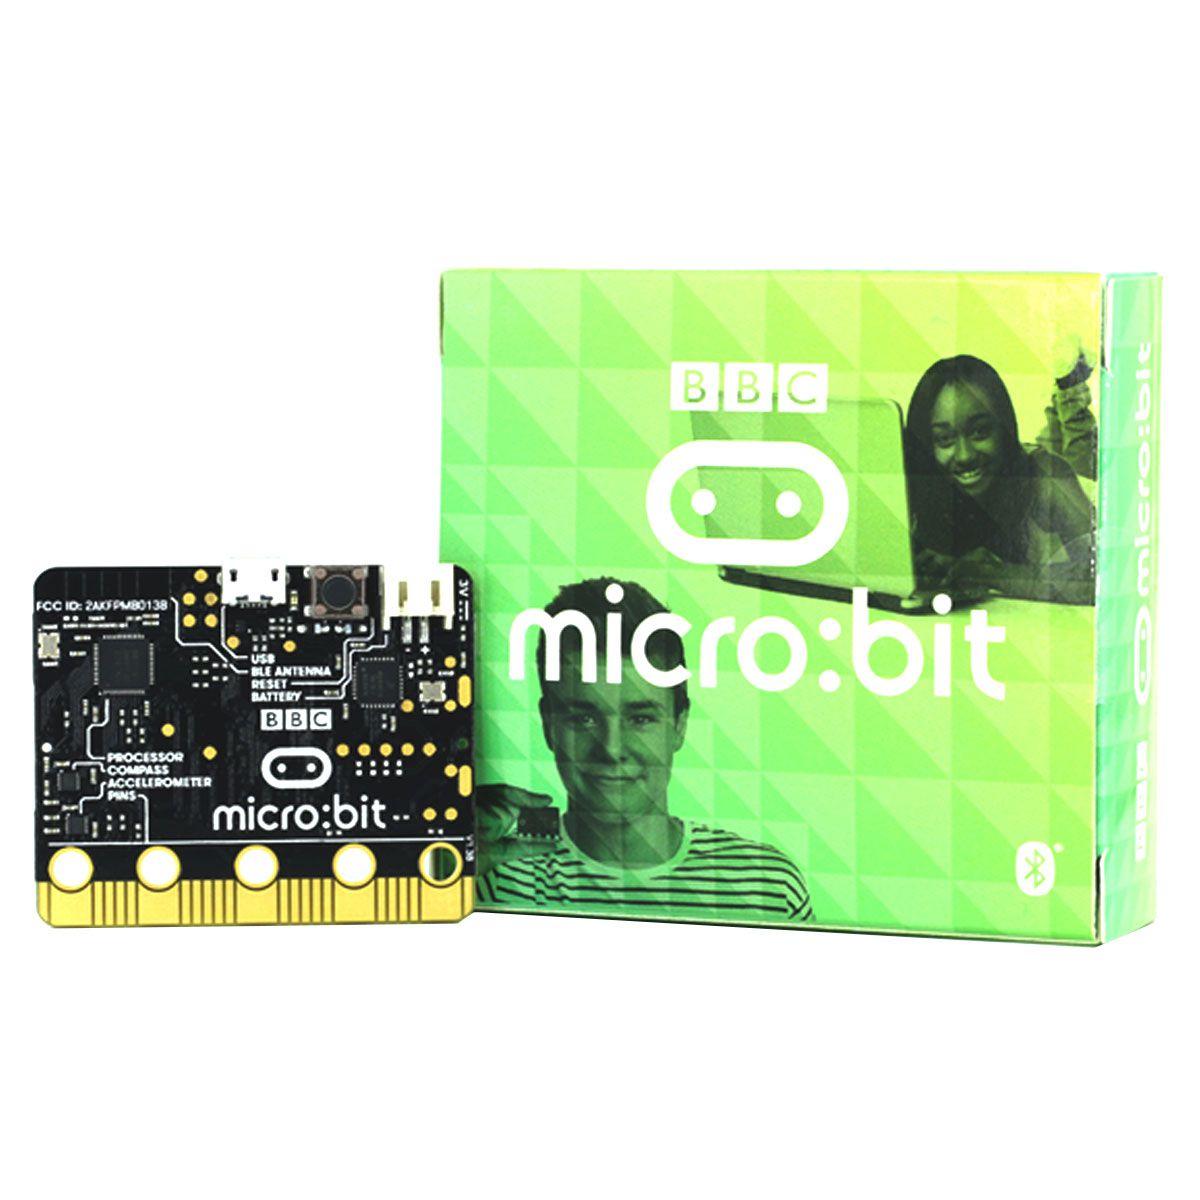 Placa BBC Micro:bit / Microbit V1.5 - Mini Computador para Ensino de Programação